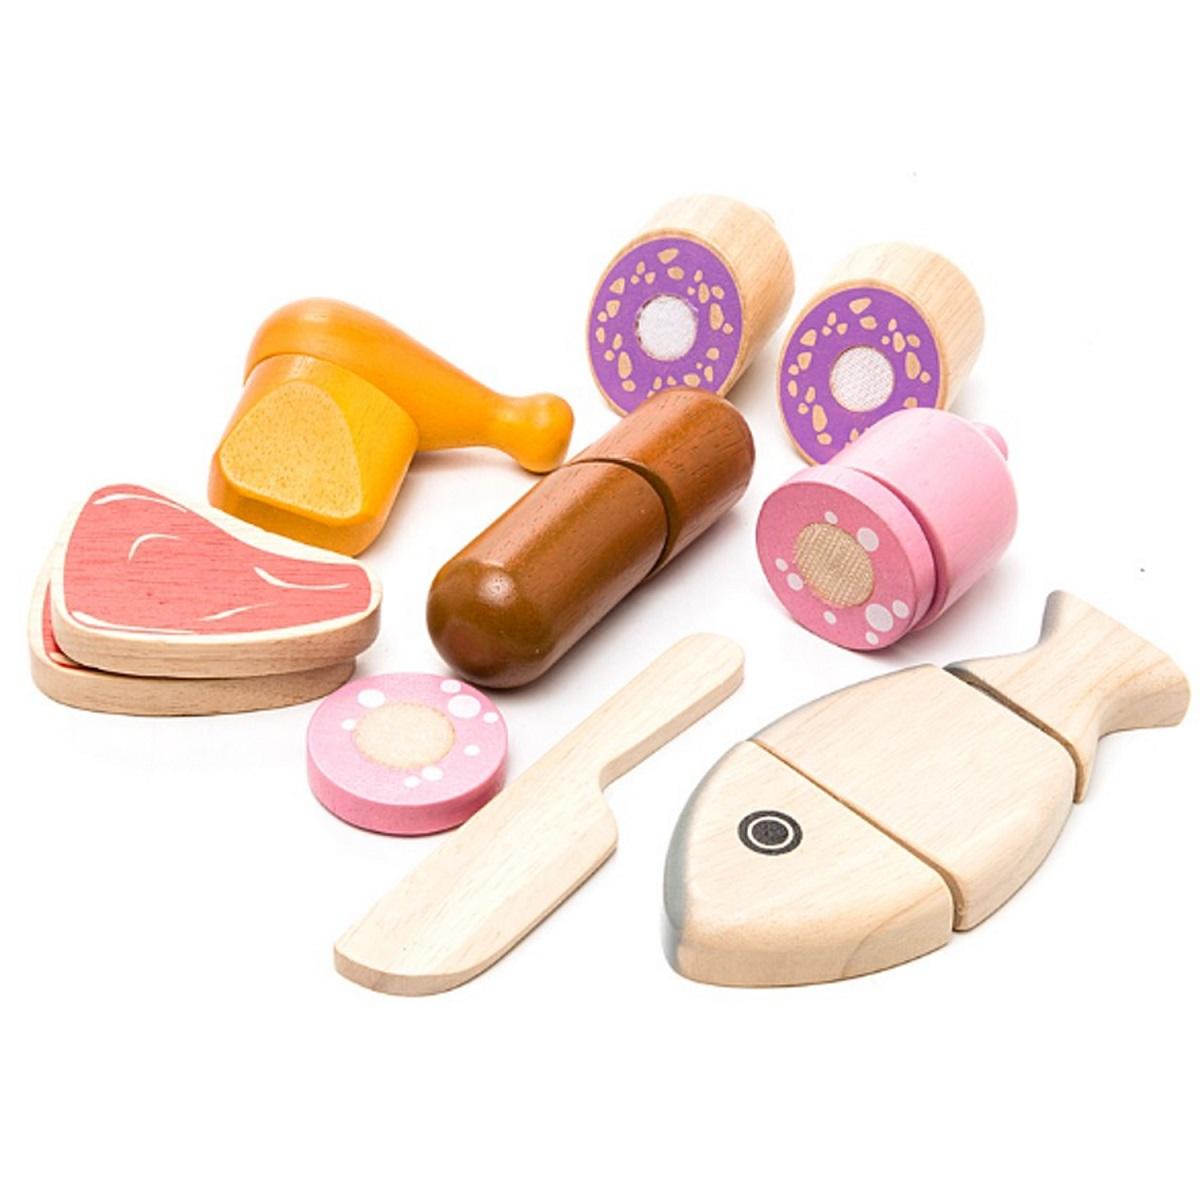 Купить Игровой набор – Мясо, из дерева, Plan Toys